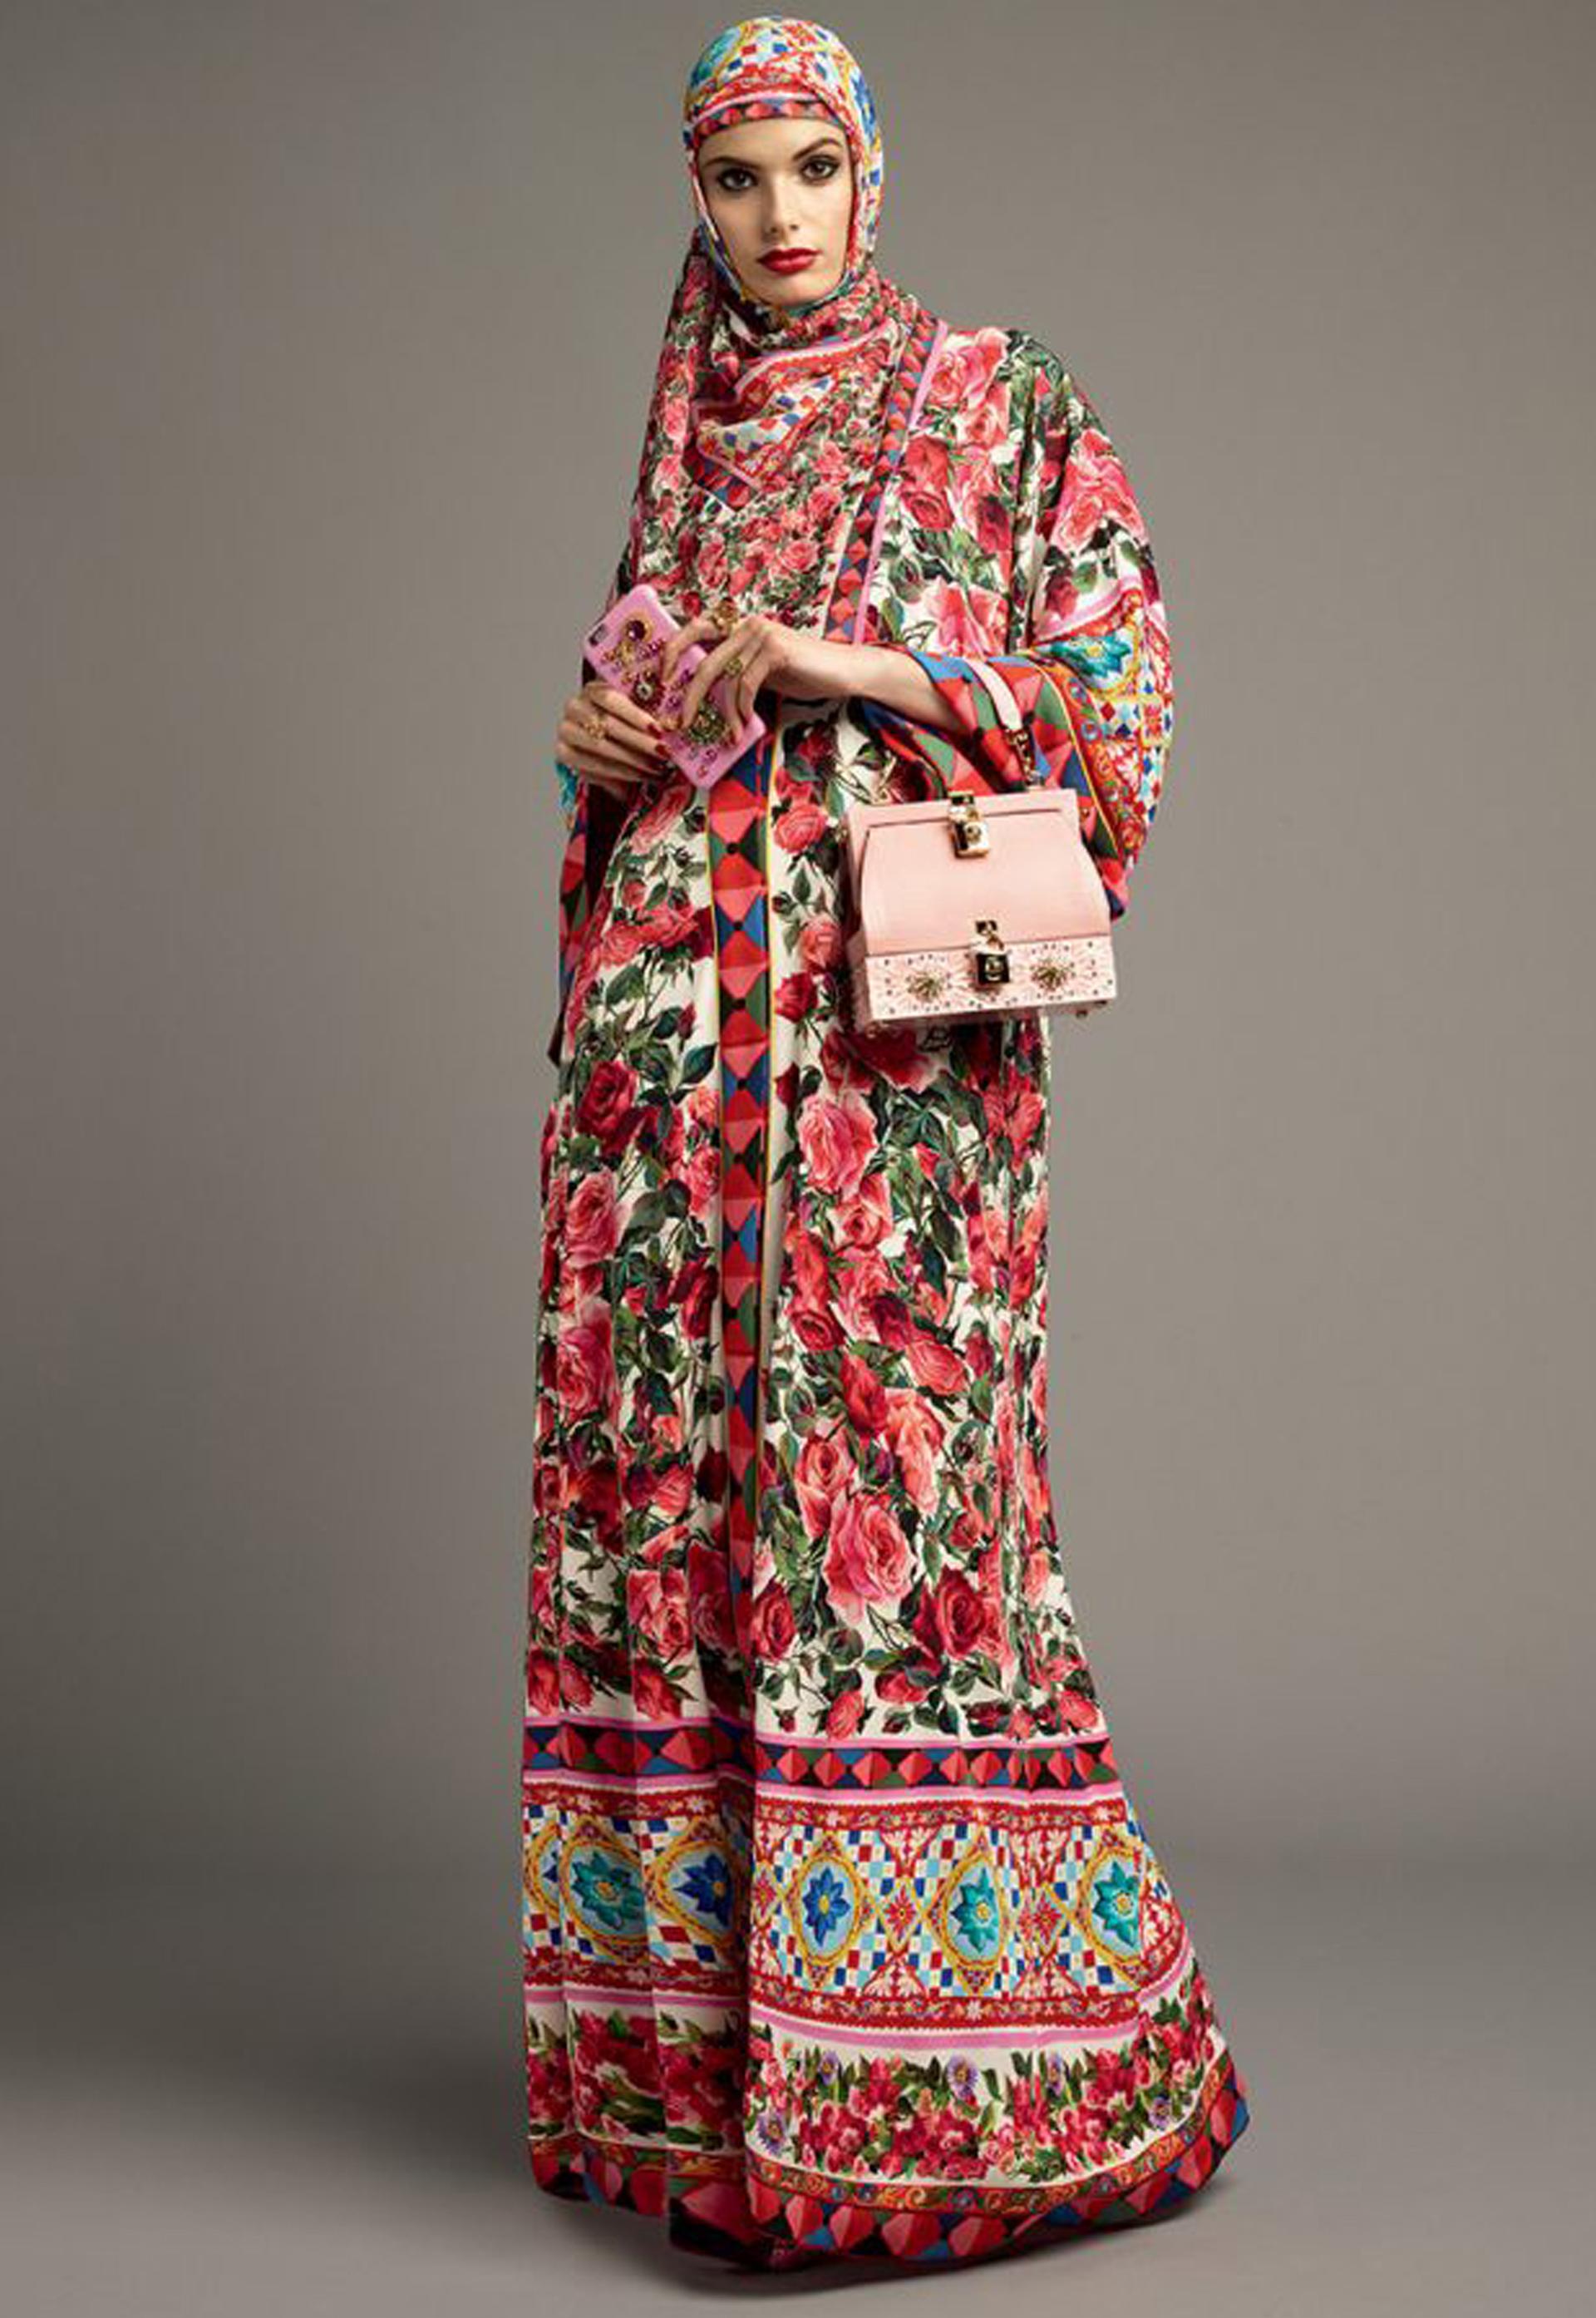 f32609024e Dolce & Gabbana sigue la tendencia de la inclusión de la religión ...